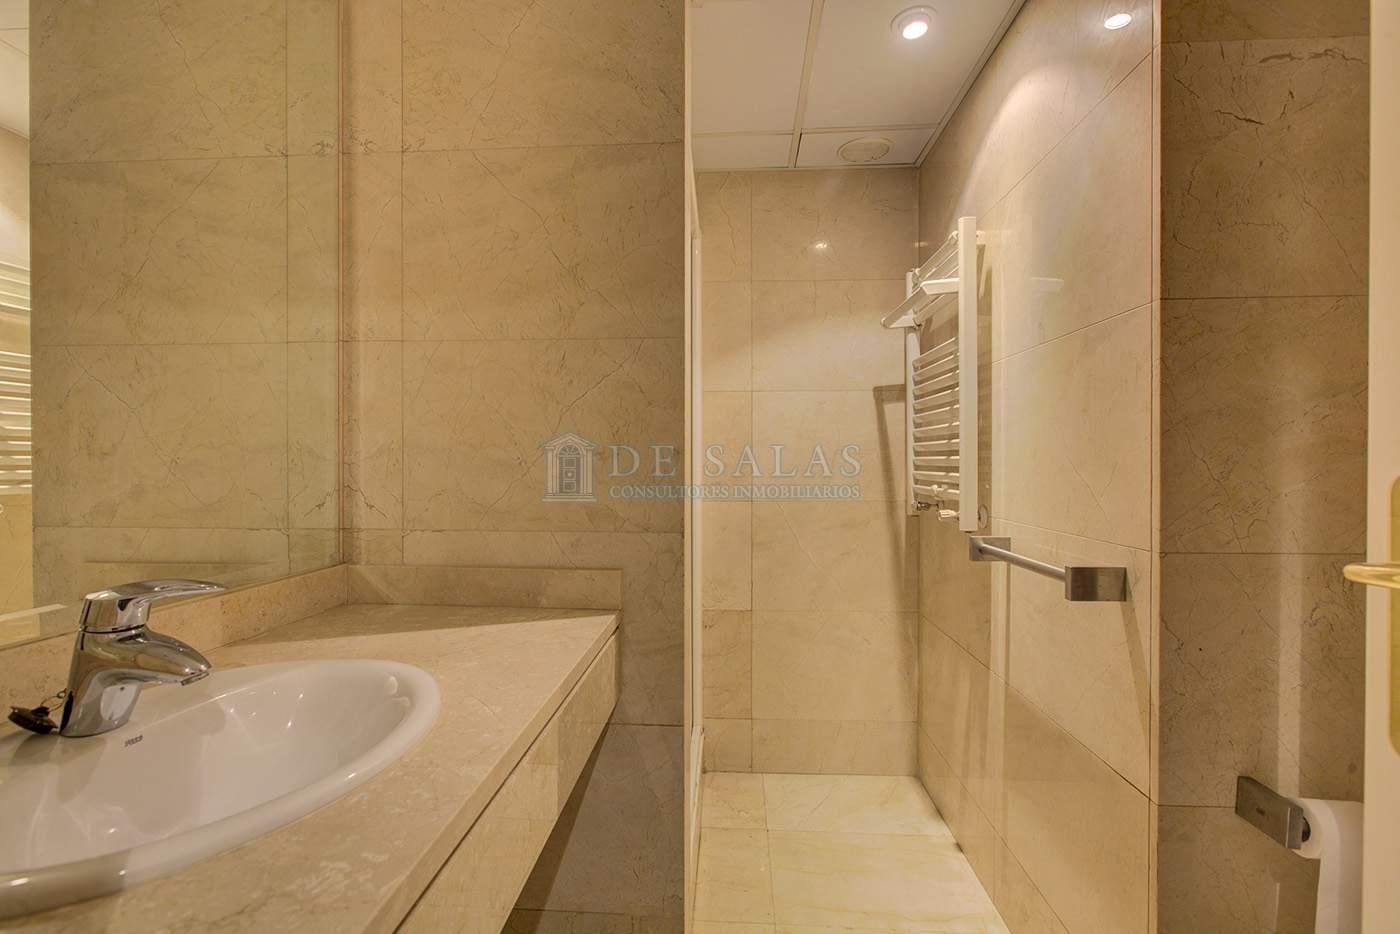 Baño-IMG_7111_2_3 copia